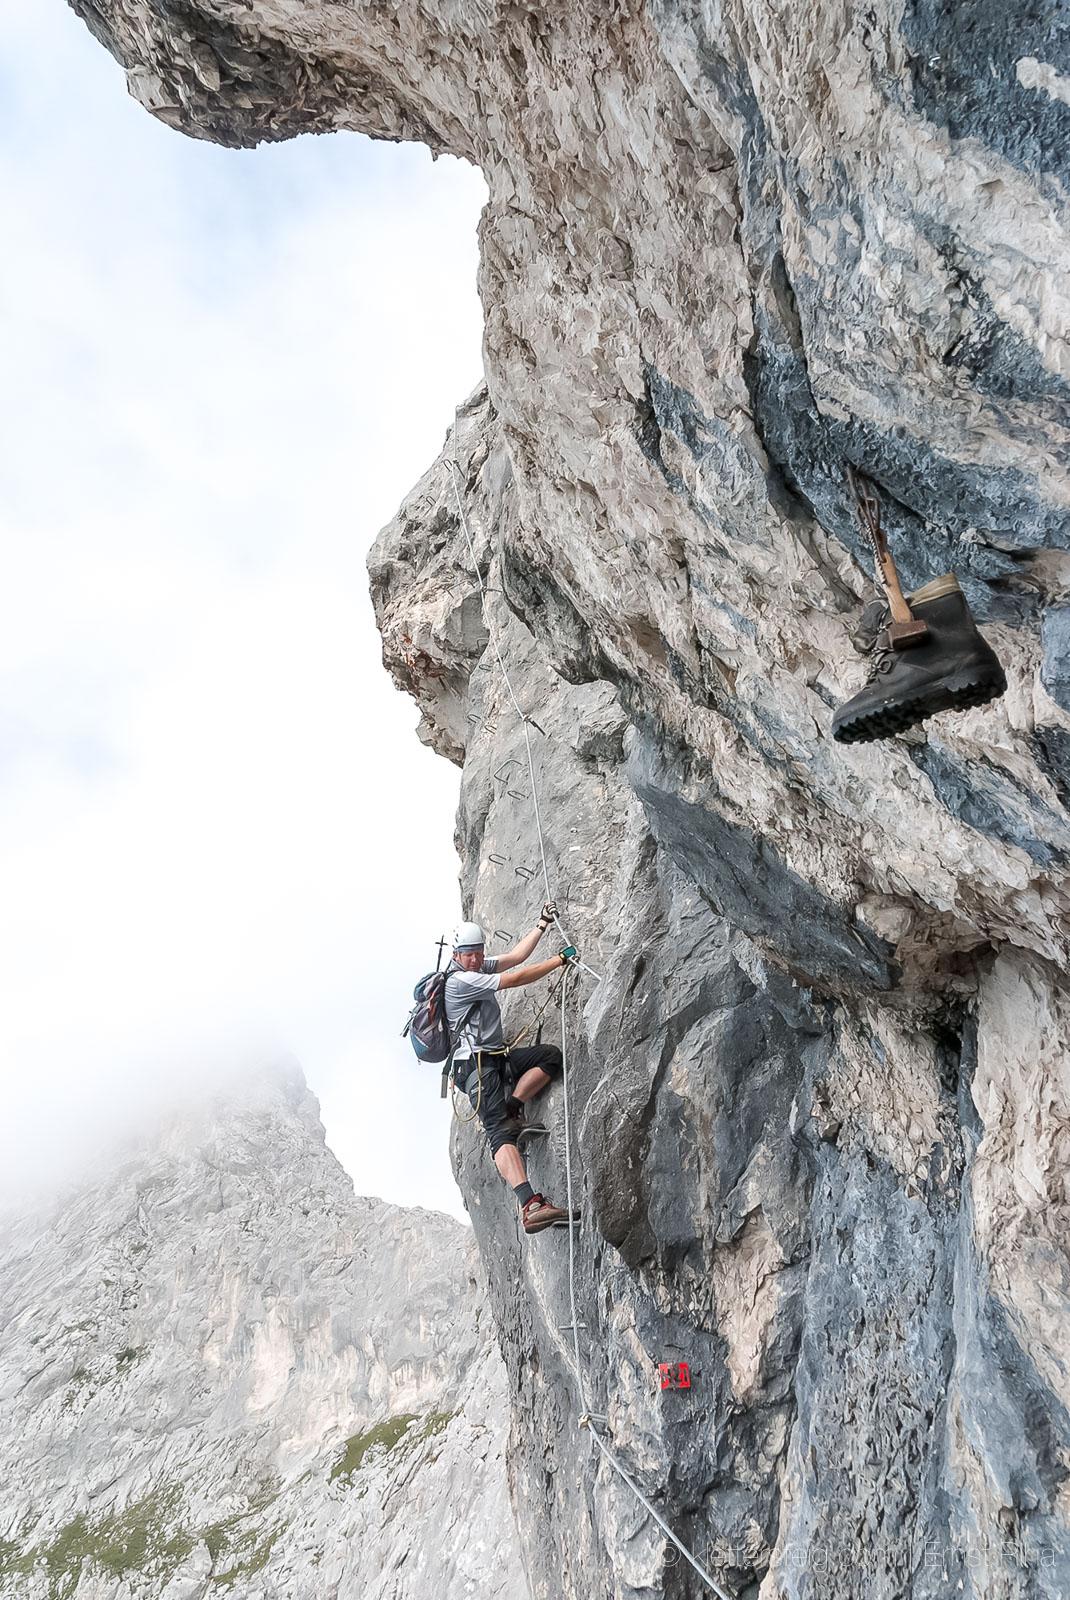 Karkopf Klettersteig